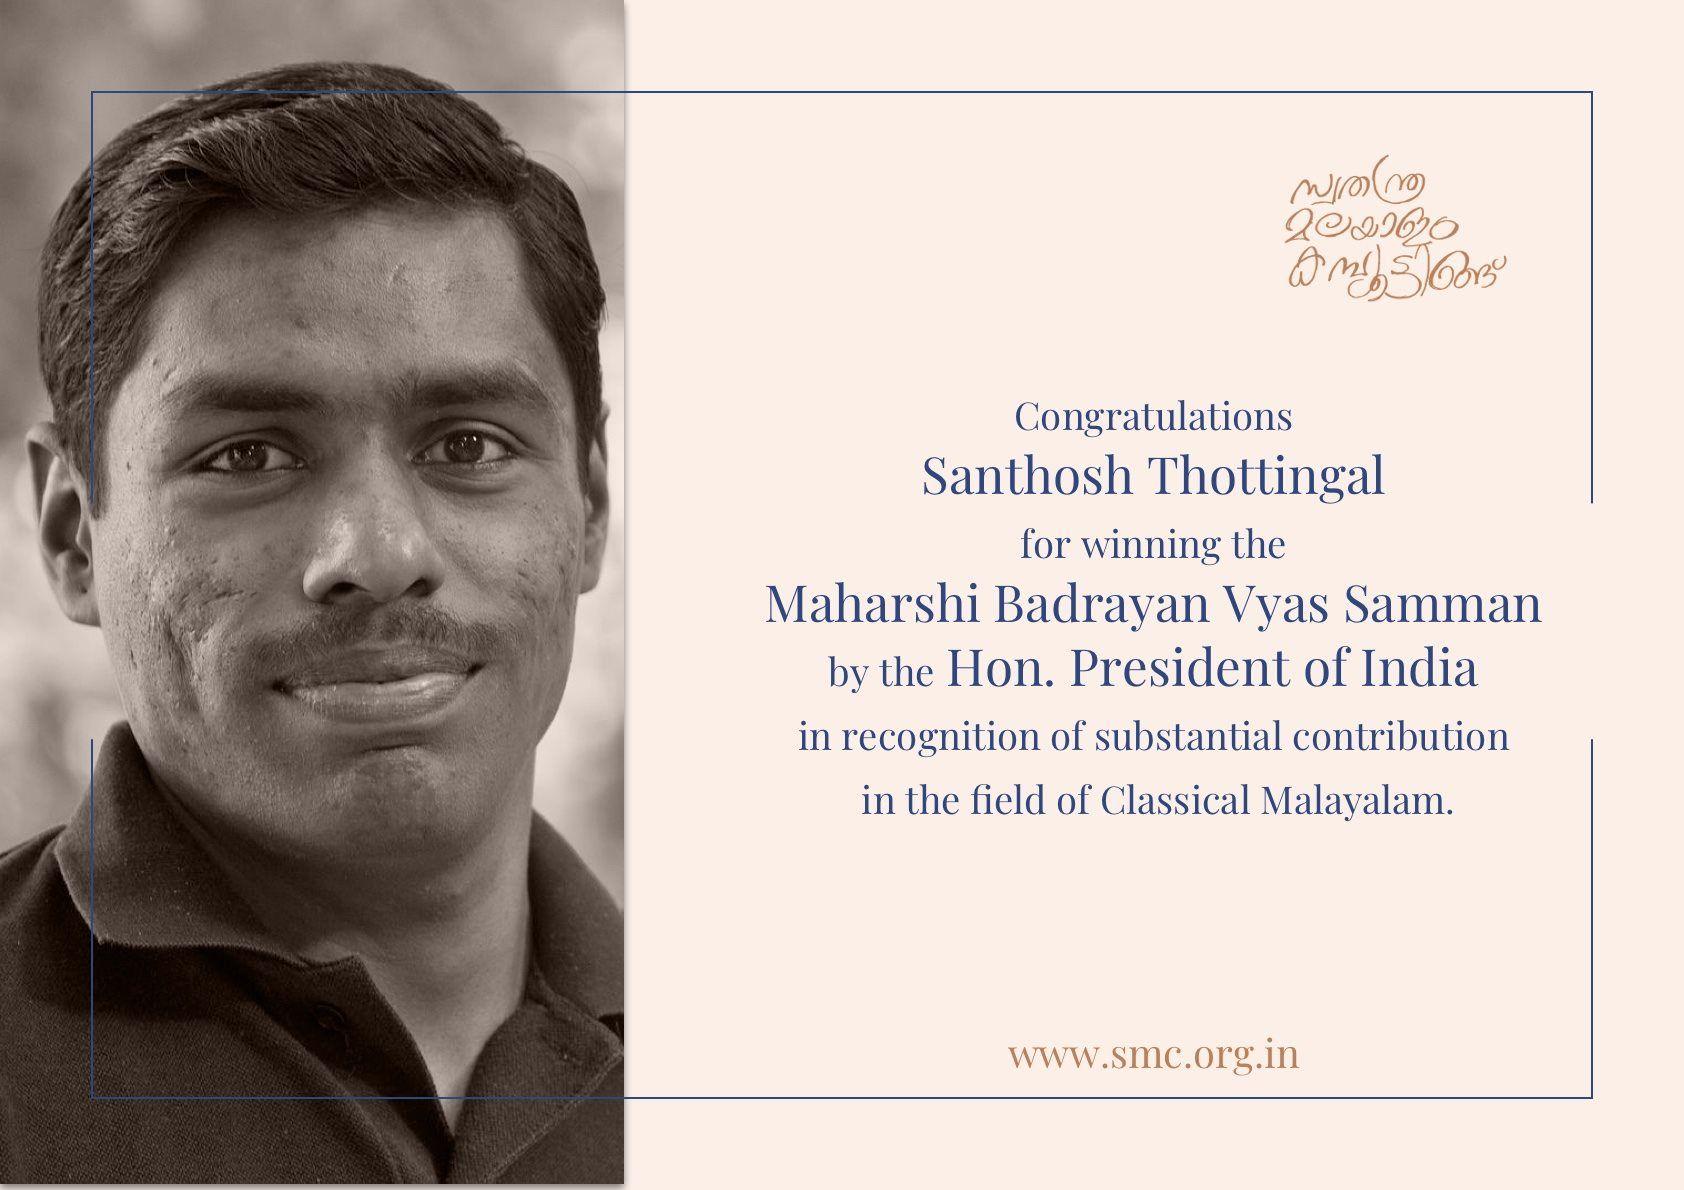 Santhosh won Maharshi Badrayan Vyas Samman